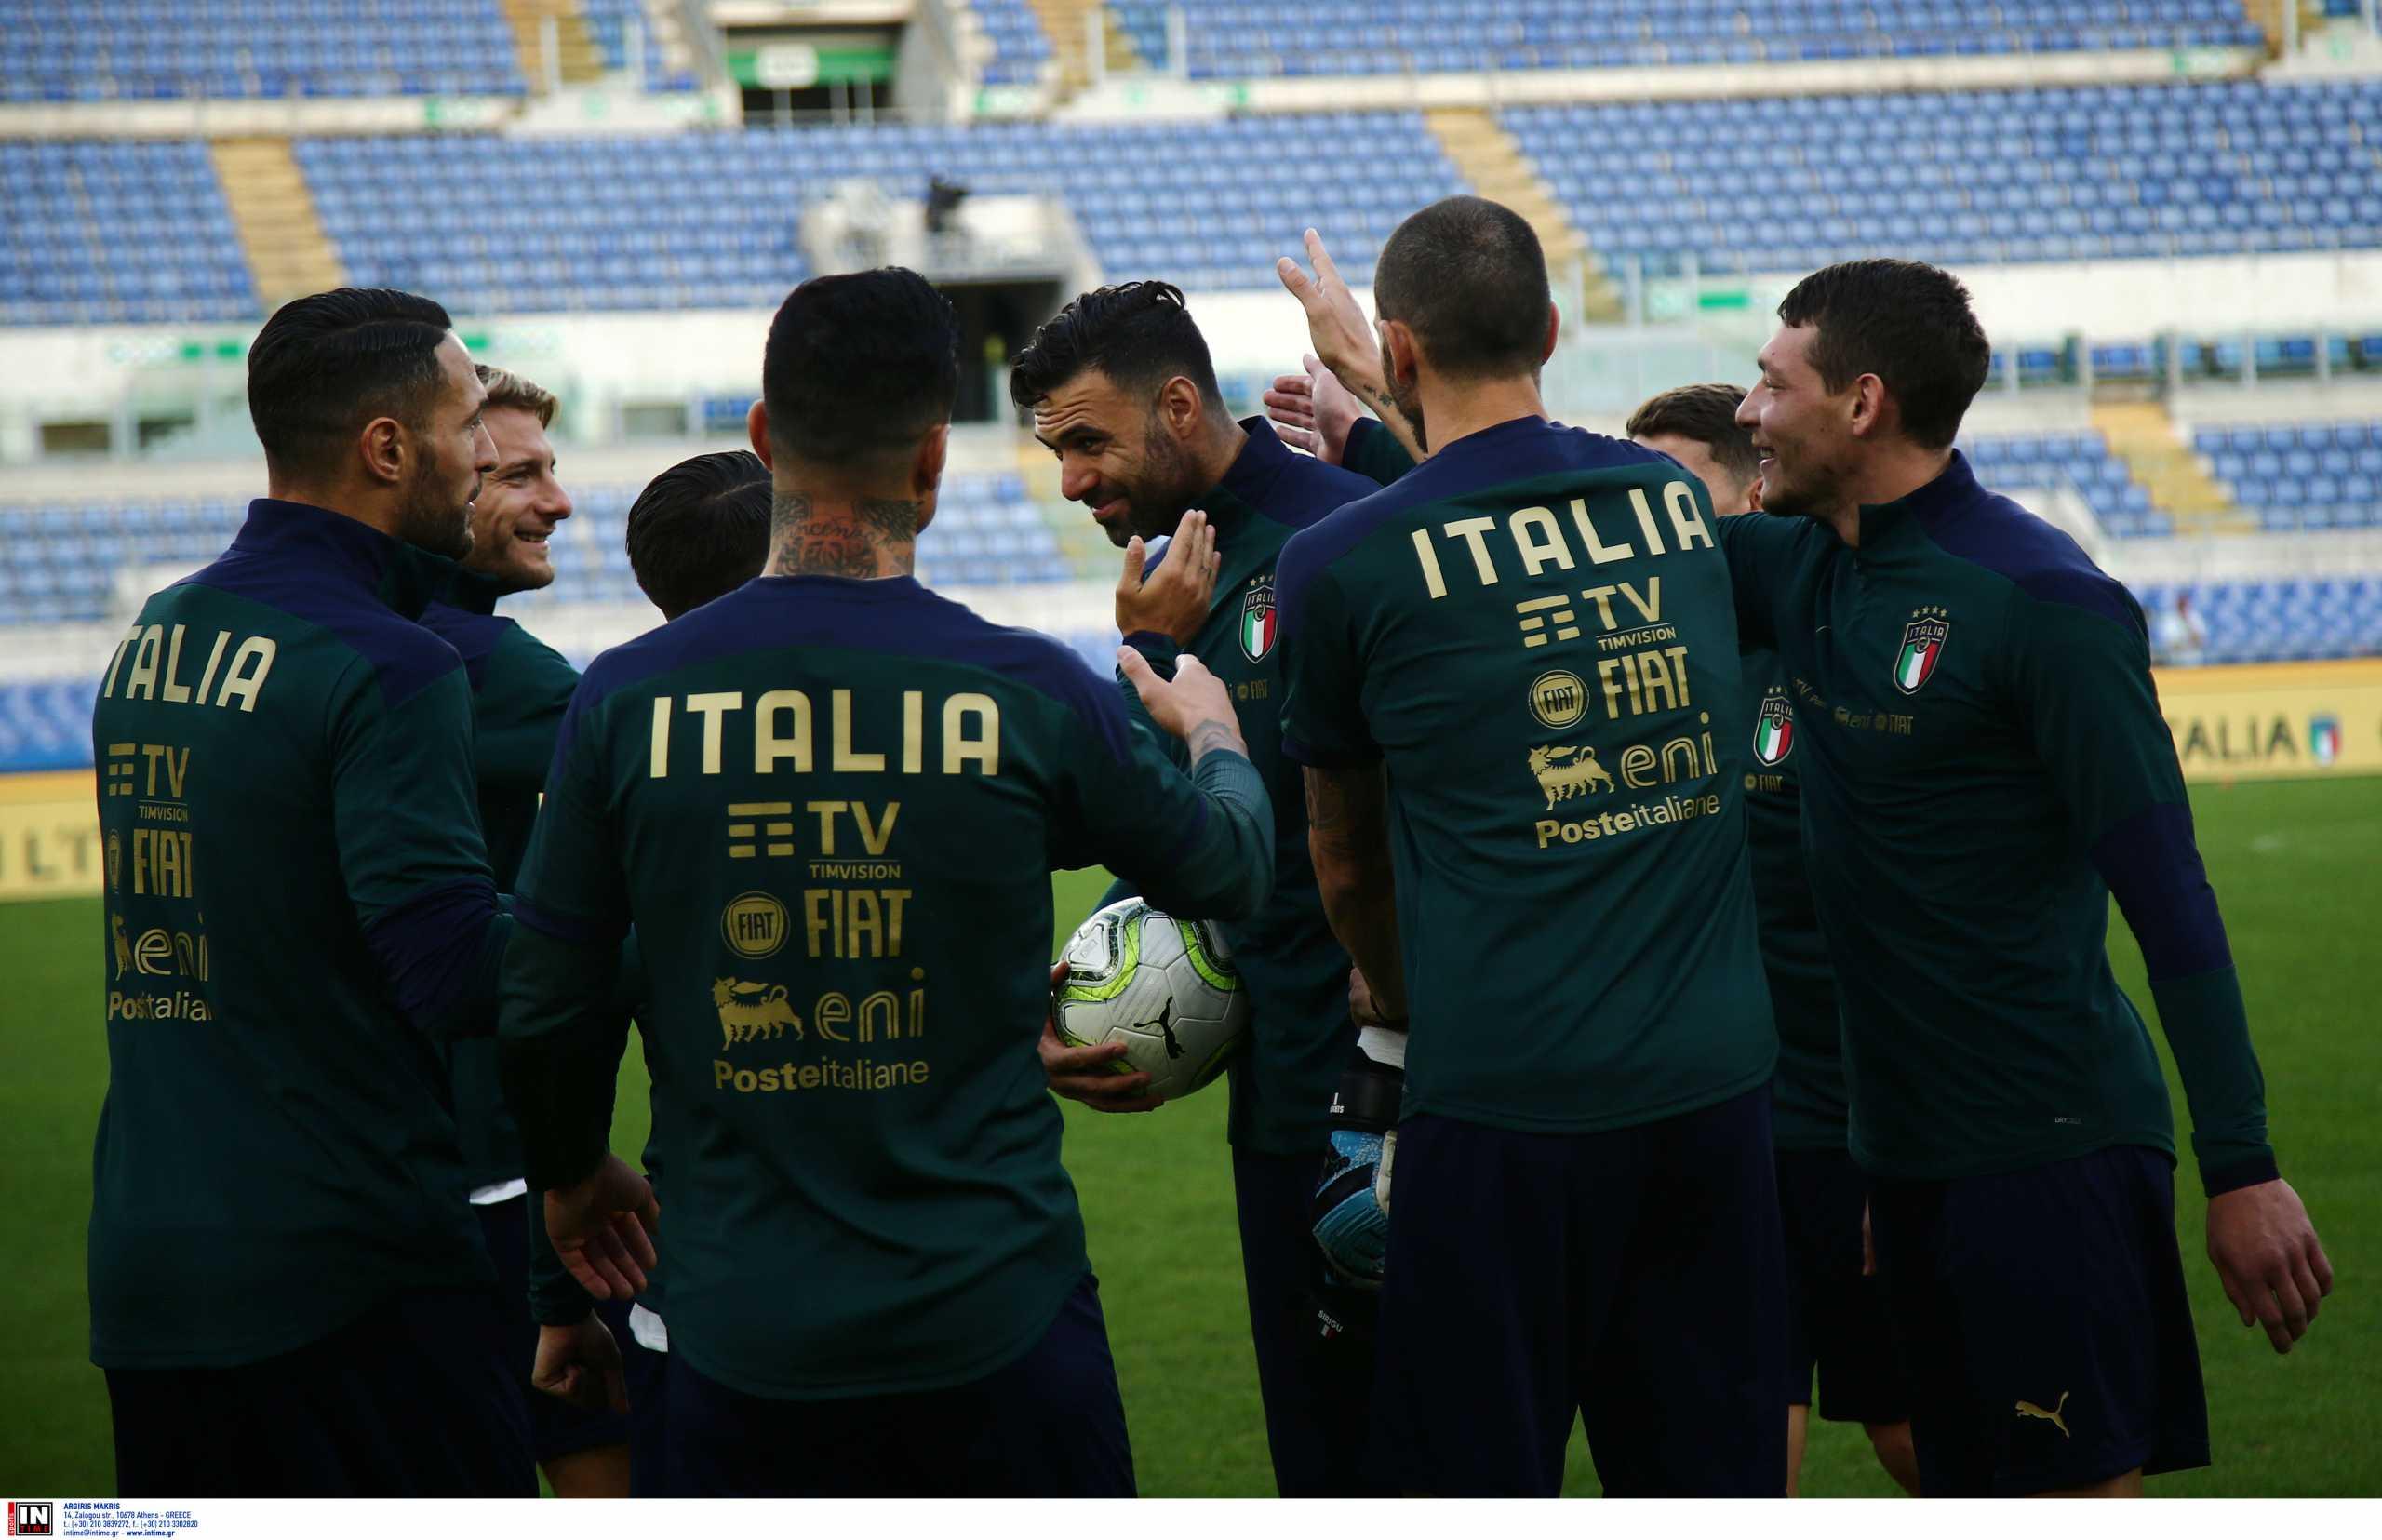 Euro 2020: Αυτή είναι η προεπιλογή της Εθνικής Ιταλίας